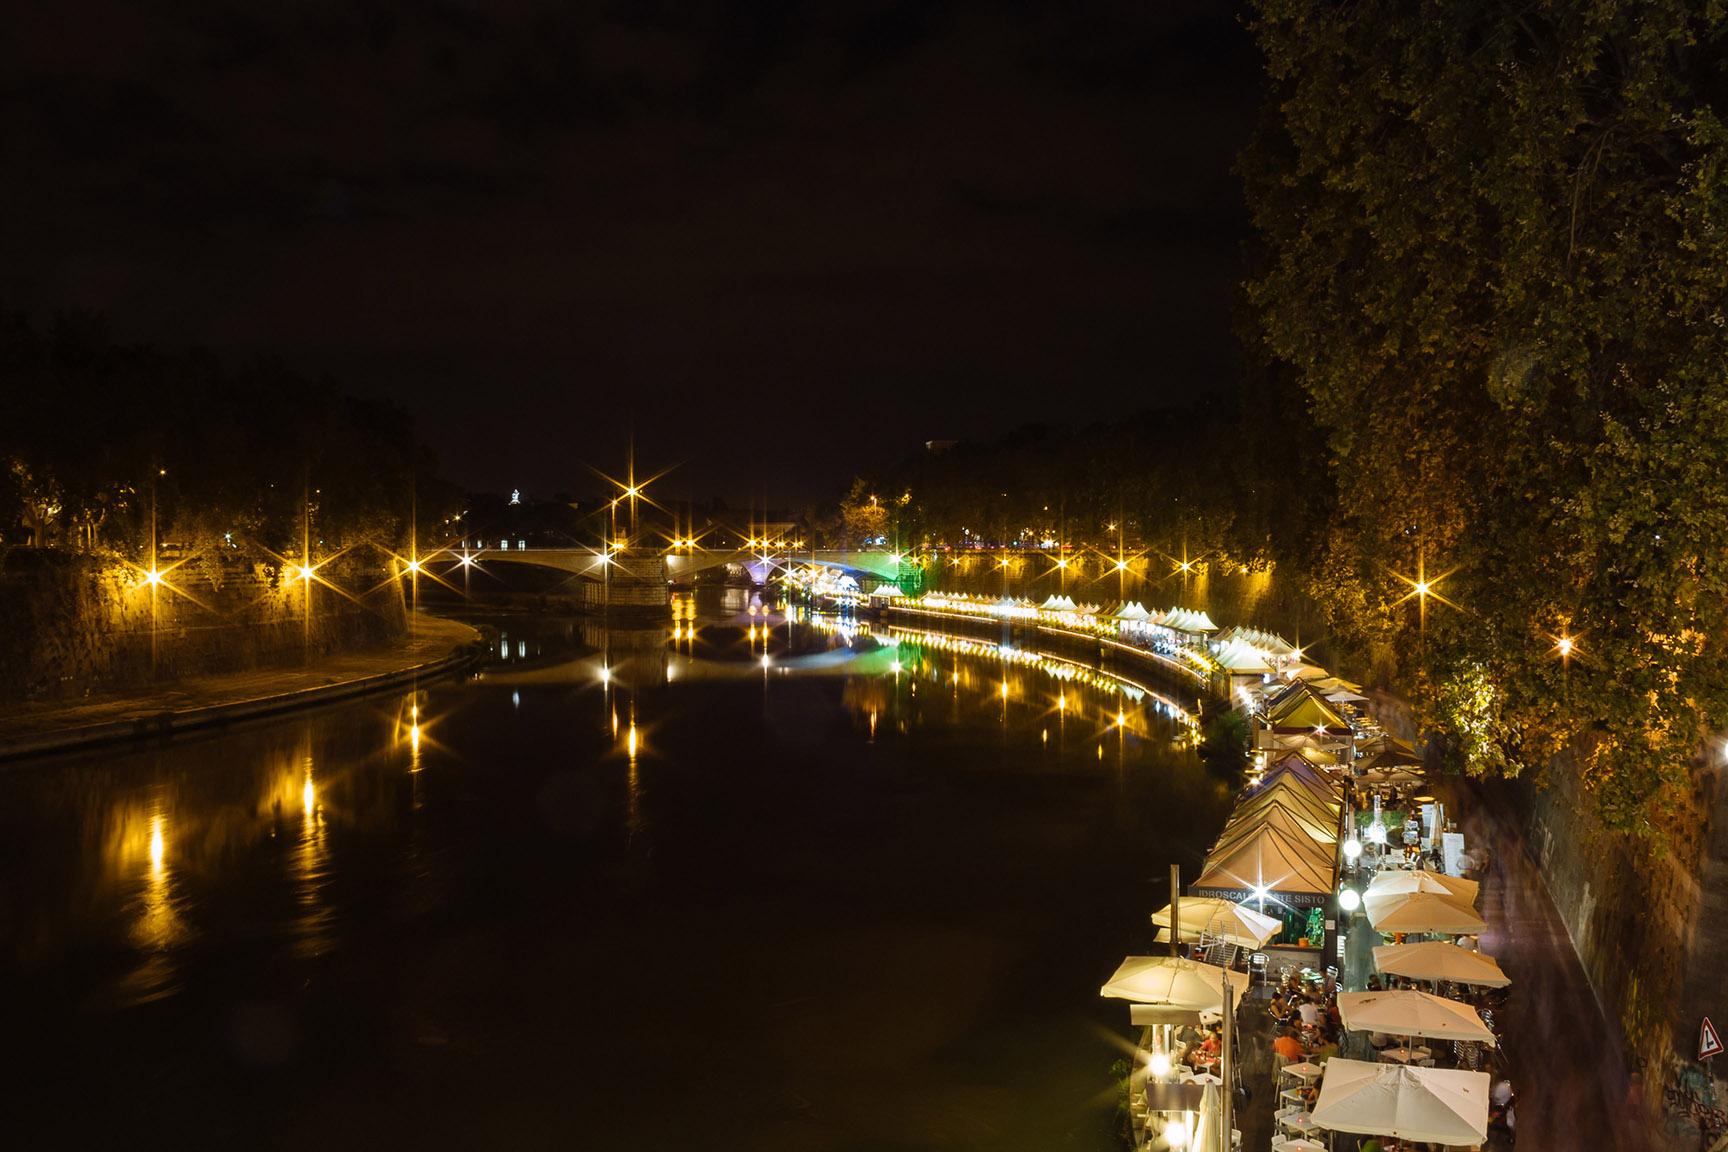 cailla-cheade-Italia3-419 foto noturna